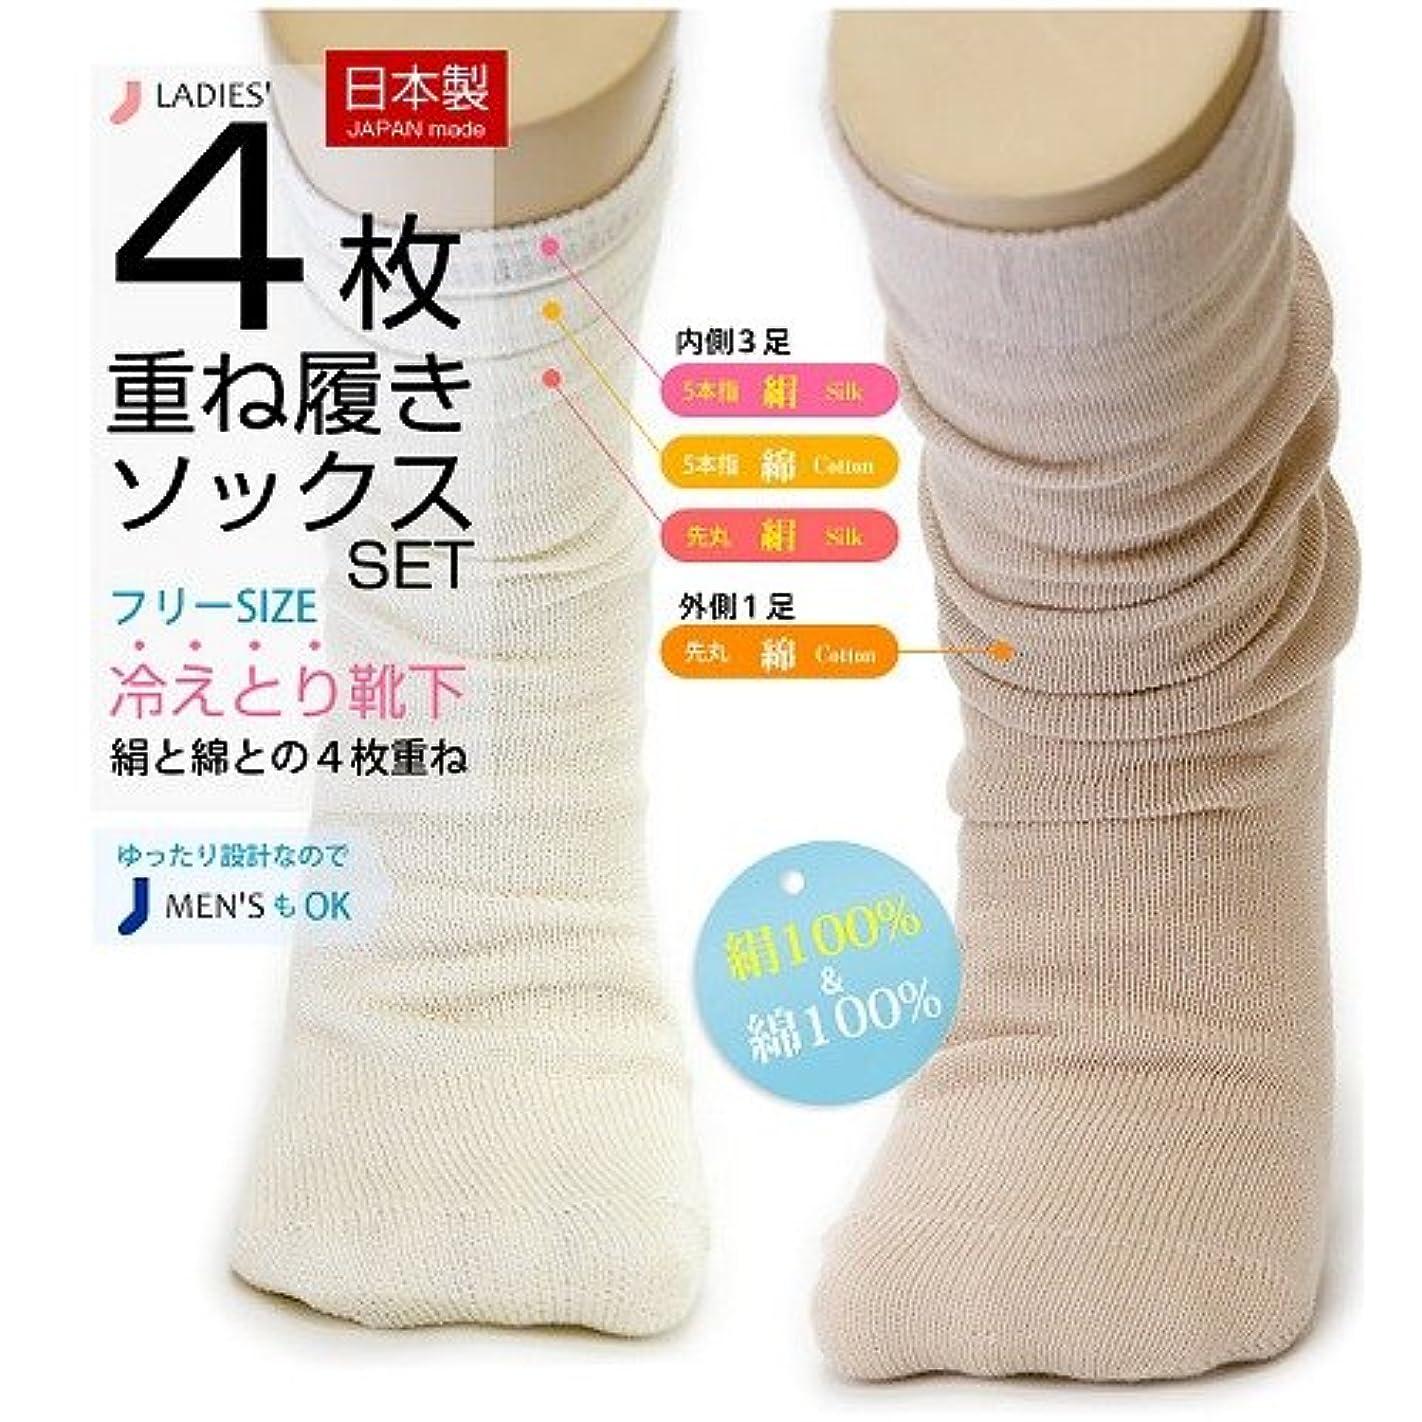 呼び起こすごみチャップ冷え取り靴下 綿100%とシルク100% 最高級の日本製 4枚重ねばきセット(外側チャコール)